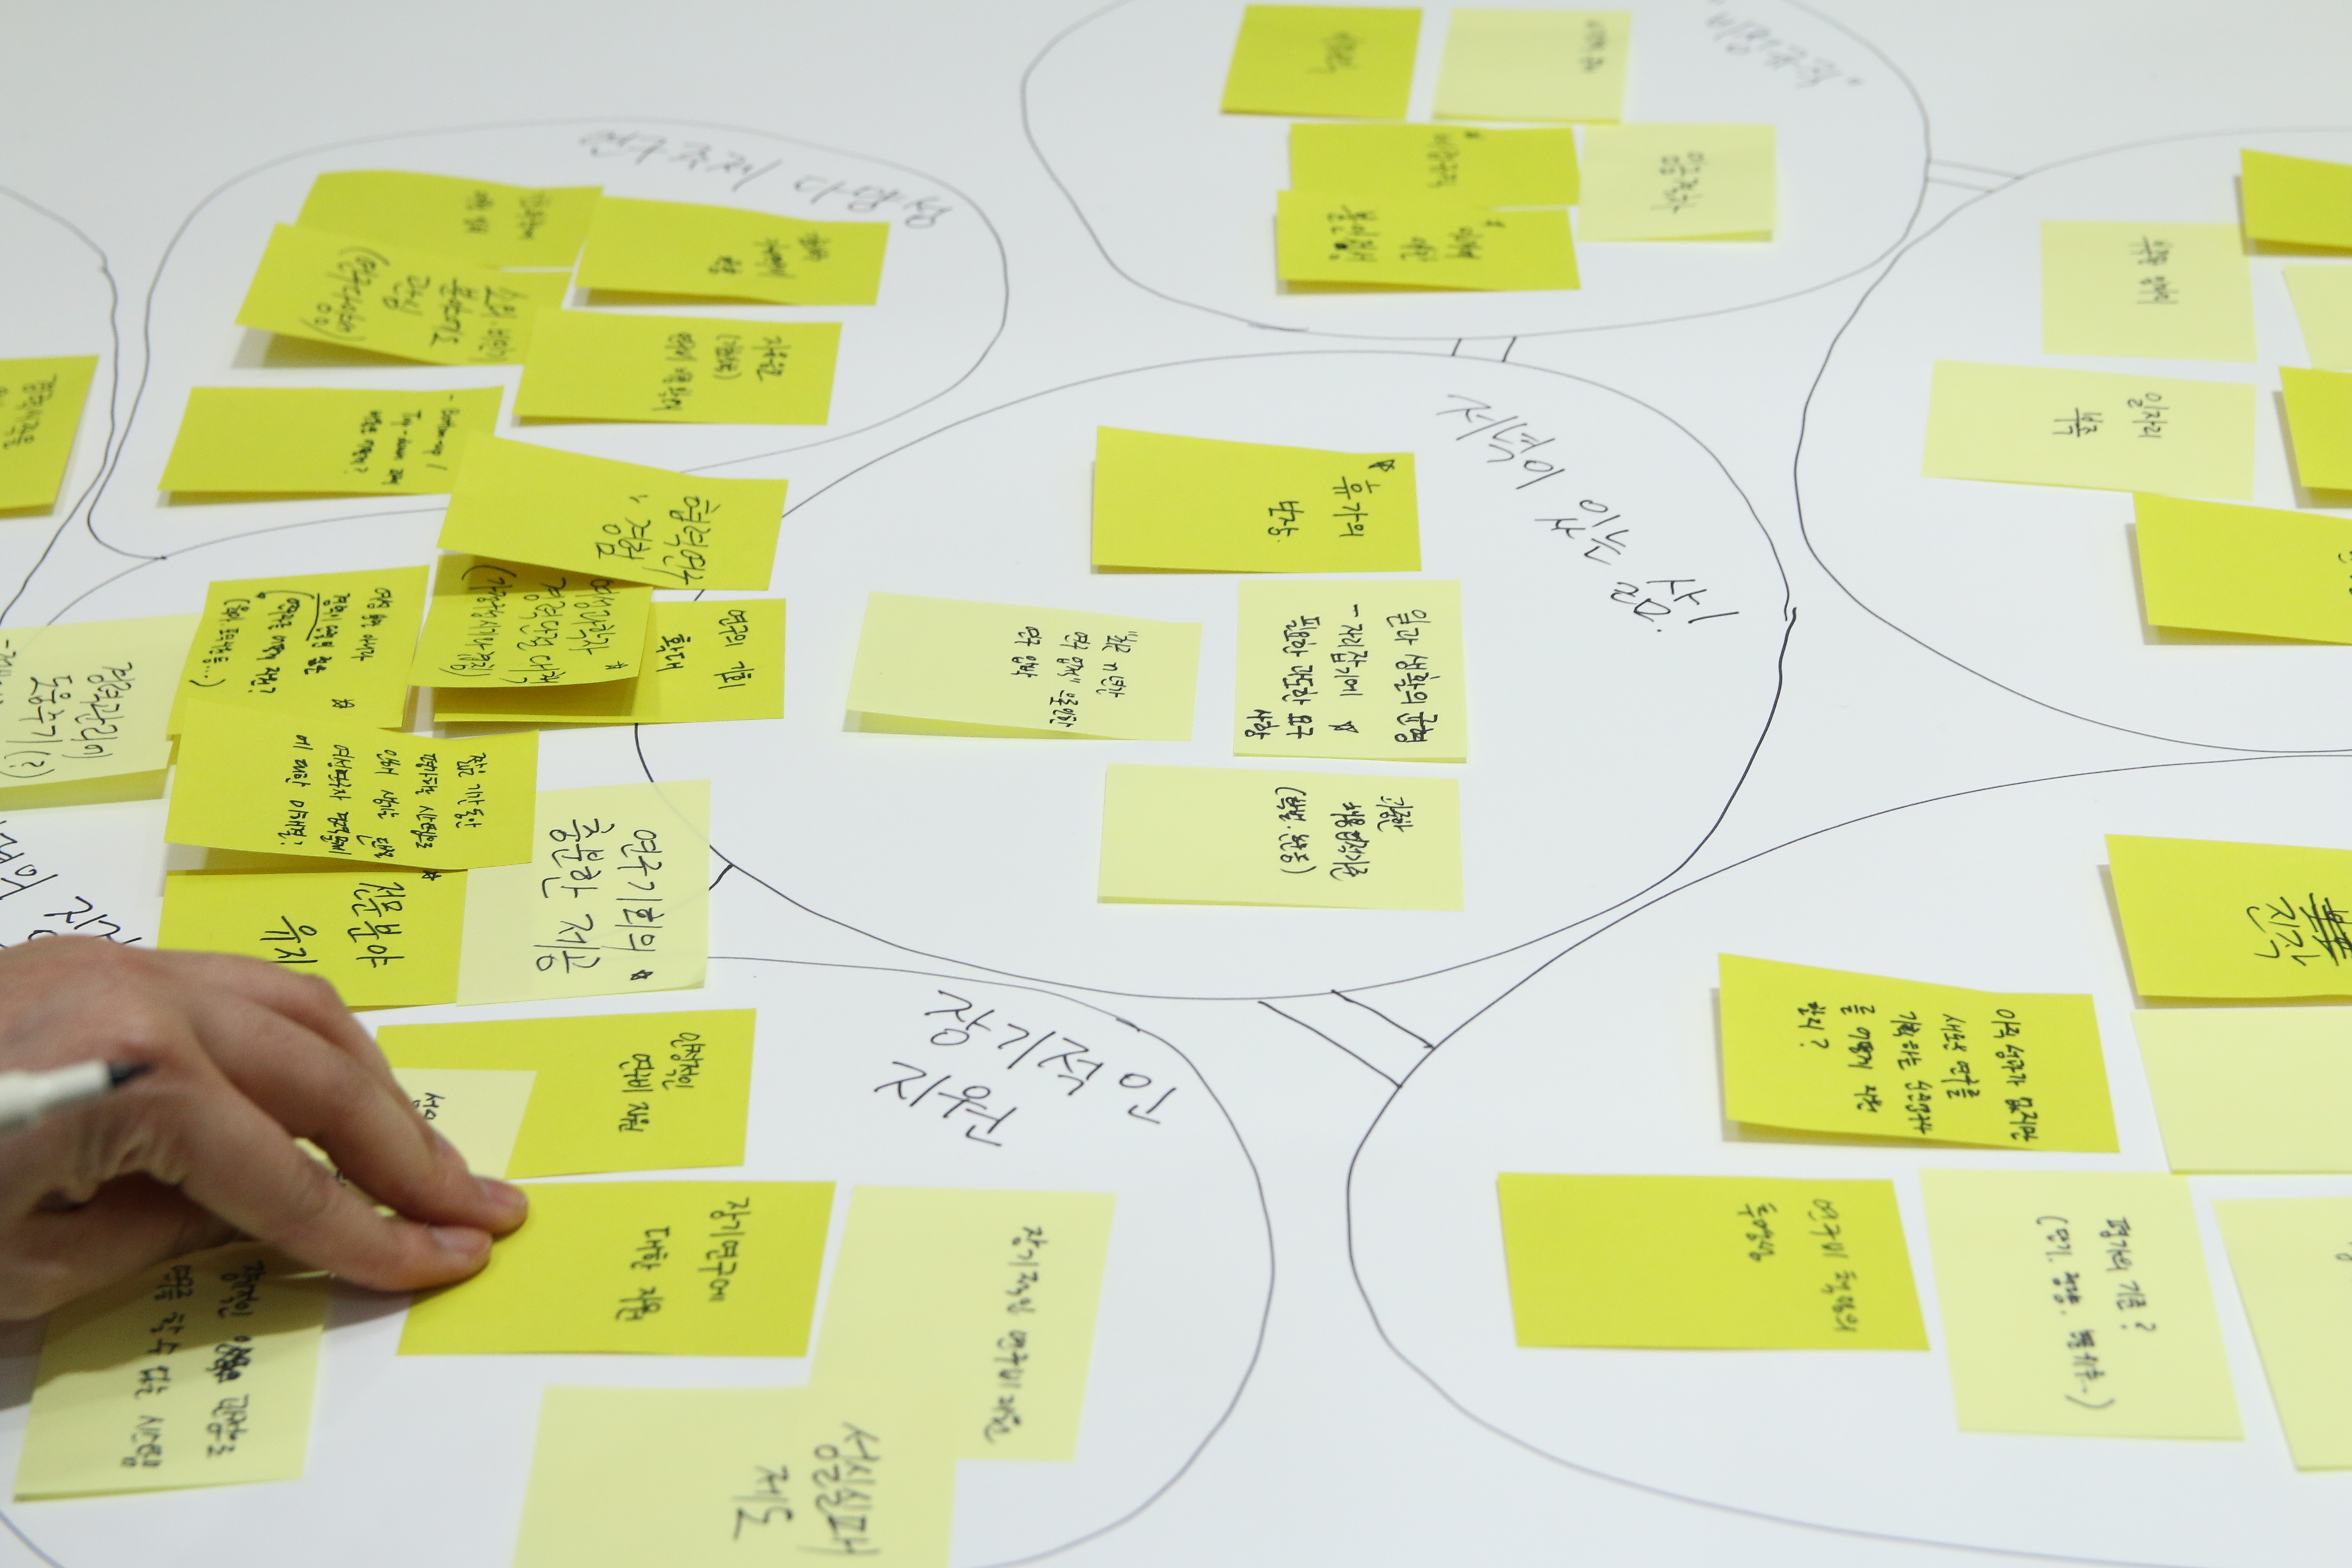 2월 25일 서울 마포구 한겨레신문사 청암홀에서 열린 타운미팅 행사에서 한 참가자가 포스트잇을 모아 분류하는 모습. - 변지민 기자 제공